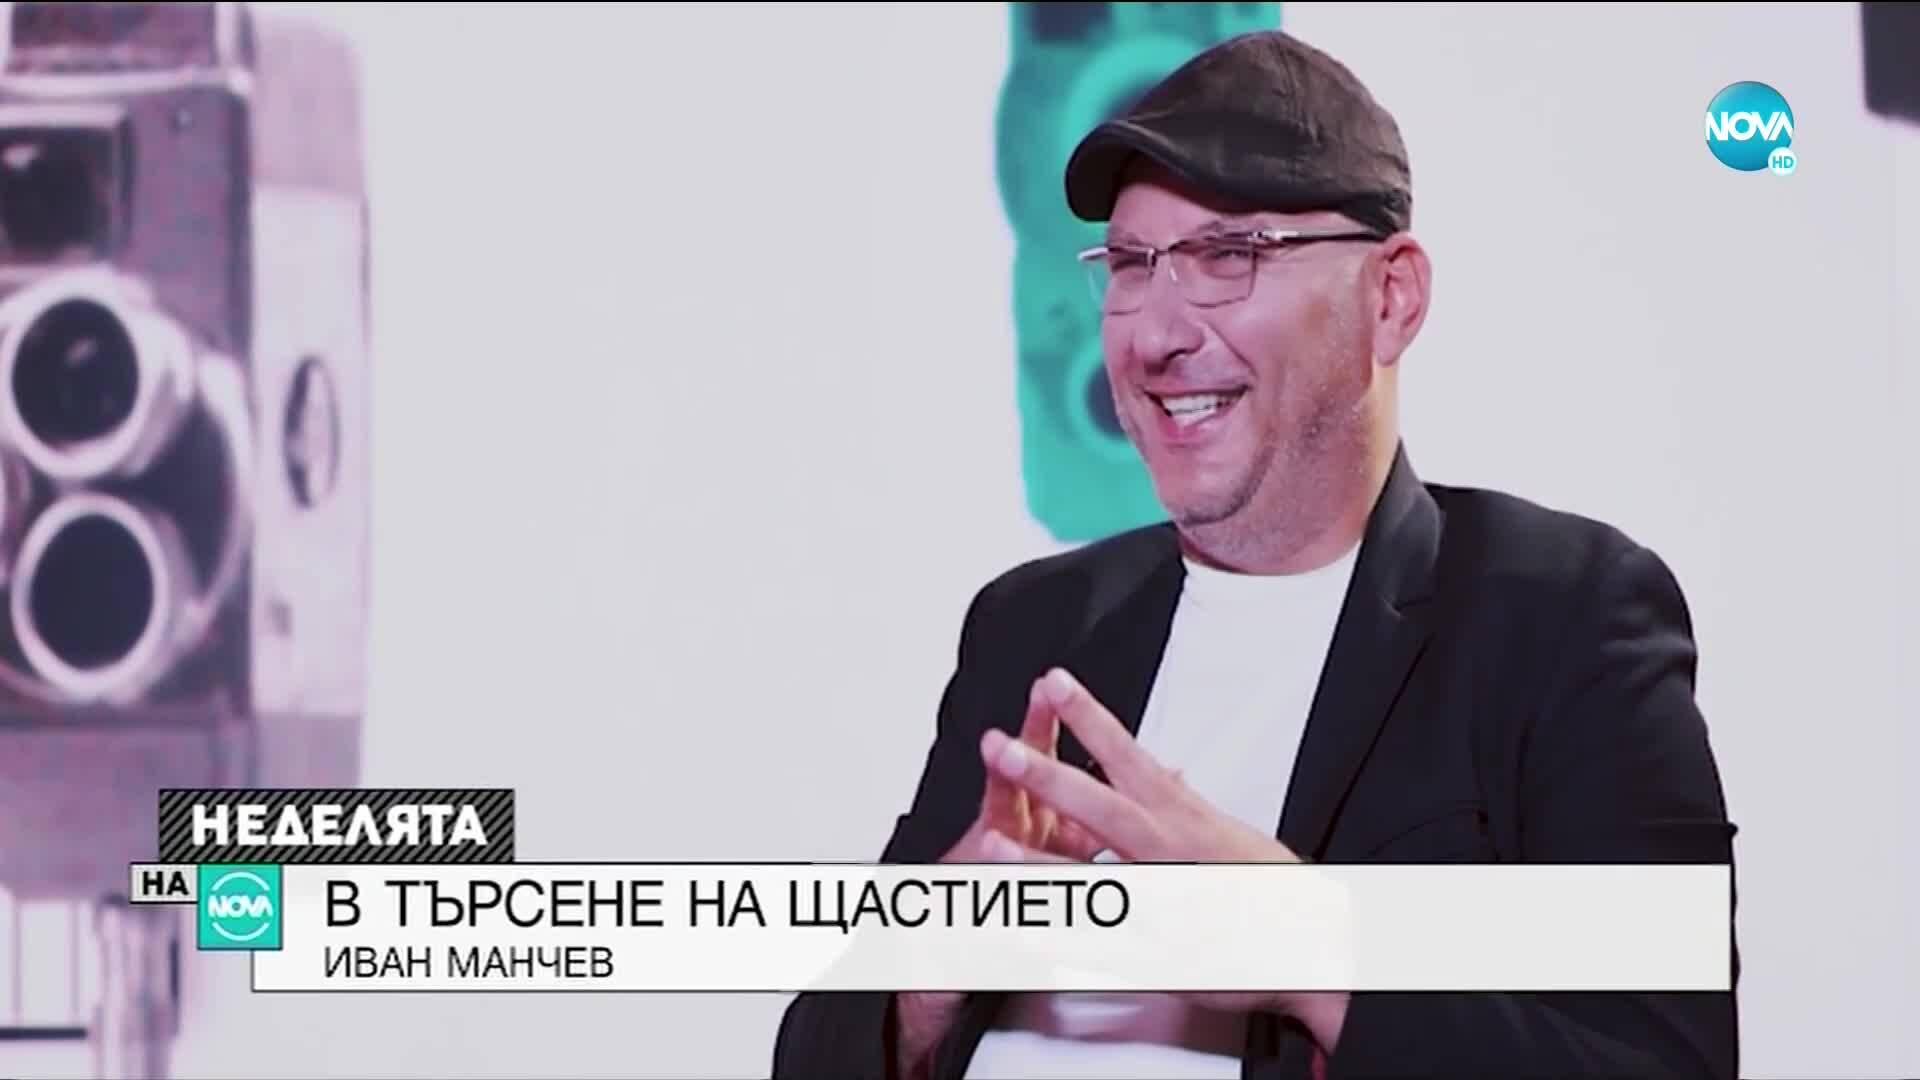 В ТЪРСЕНЕ НА ЩАСТИЕТО: Шеф Манчев откровено за жените в живота му